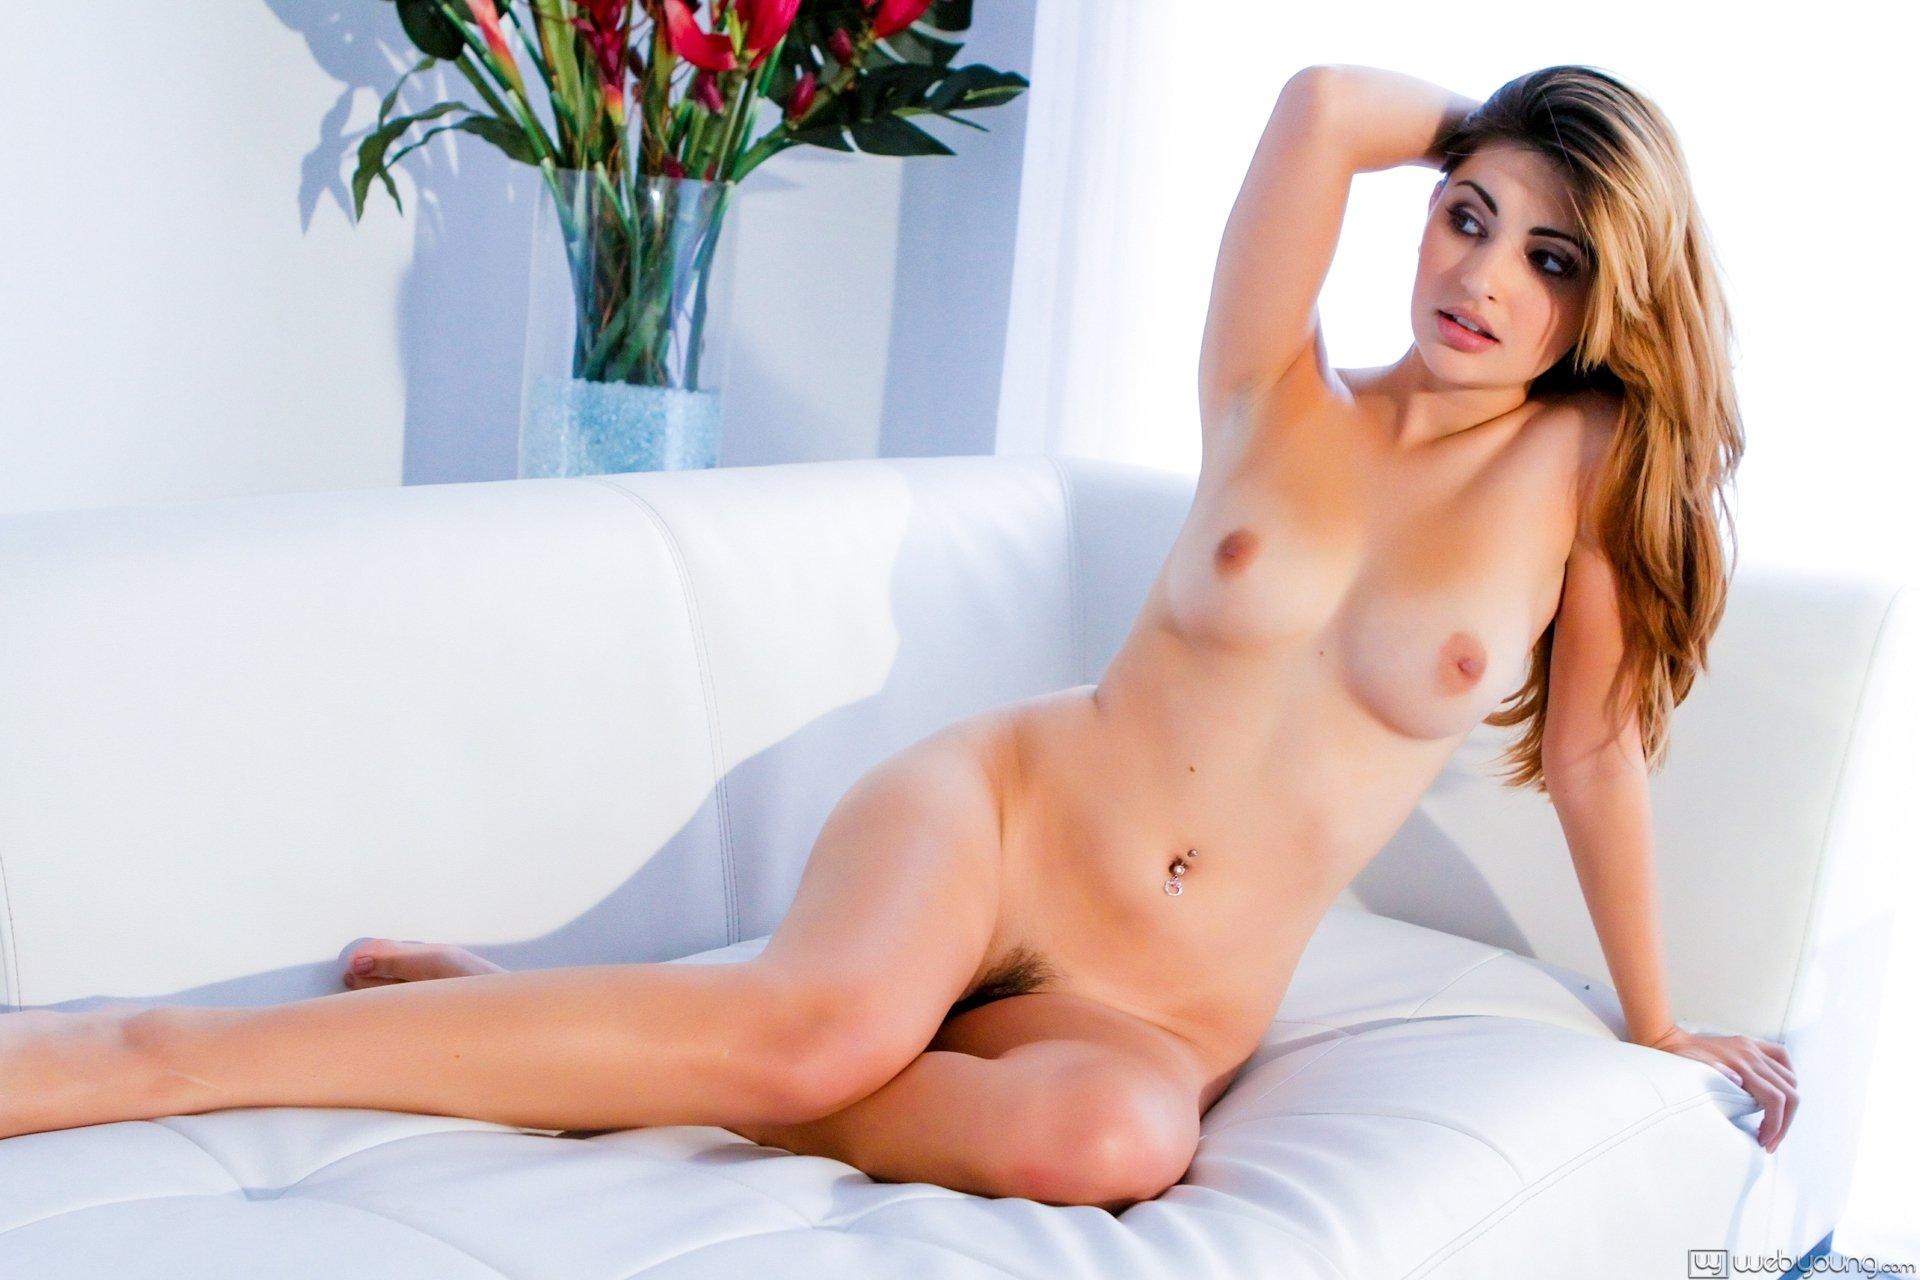 Латиноамериканка - Фото галерея 932089